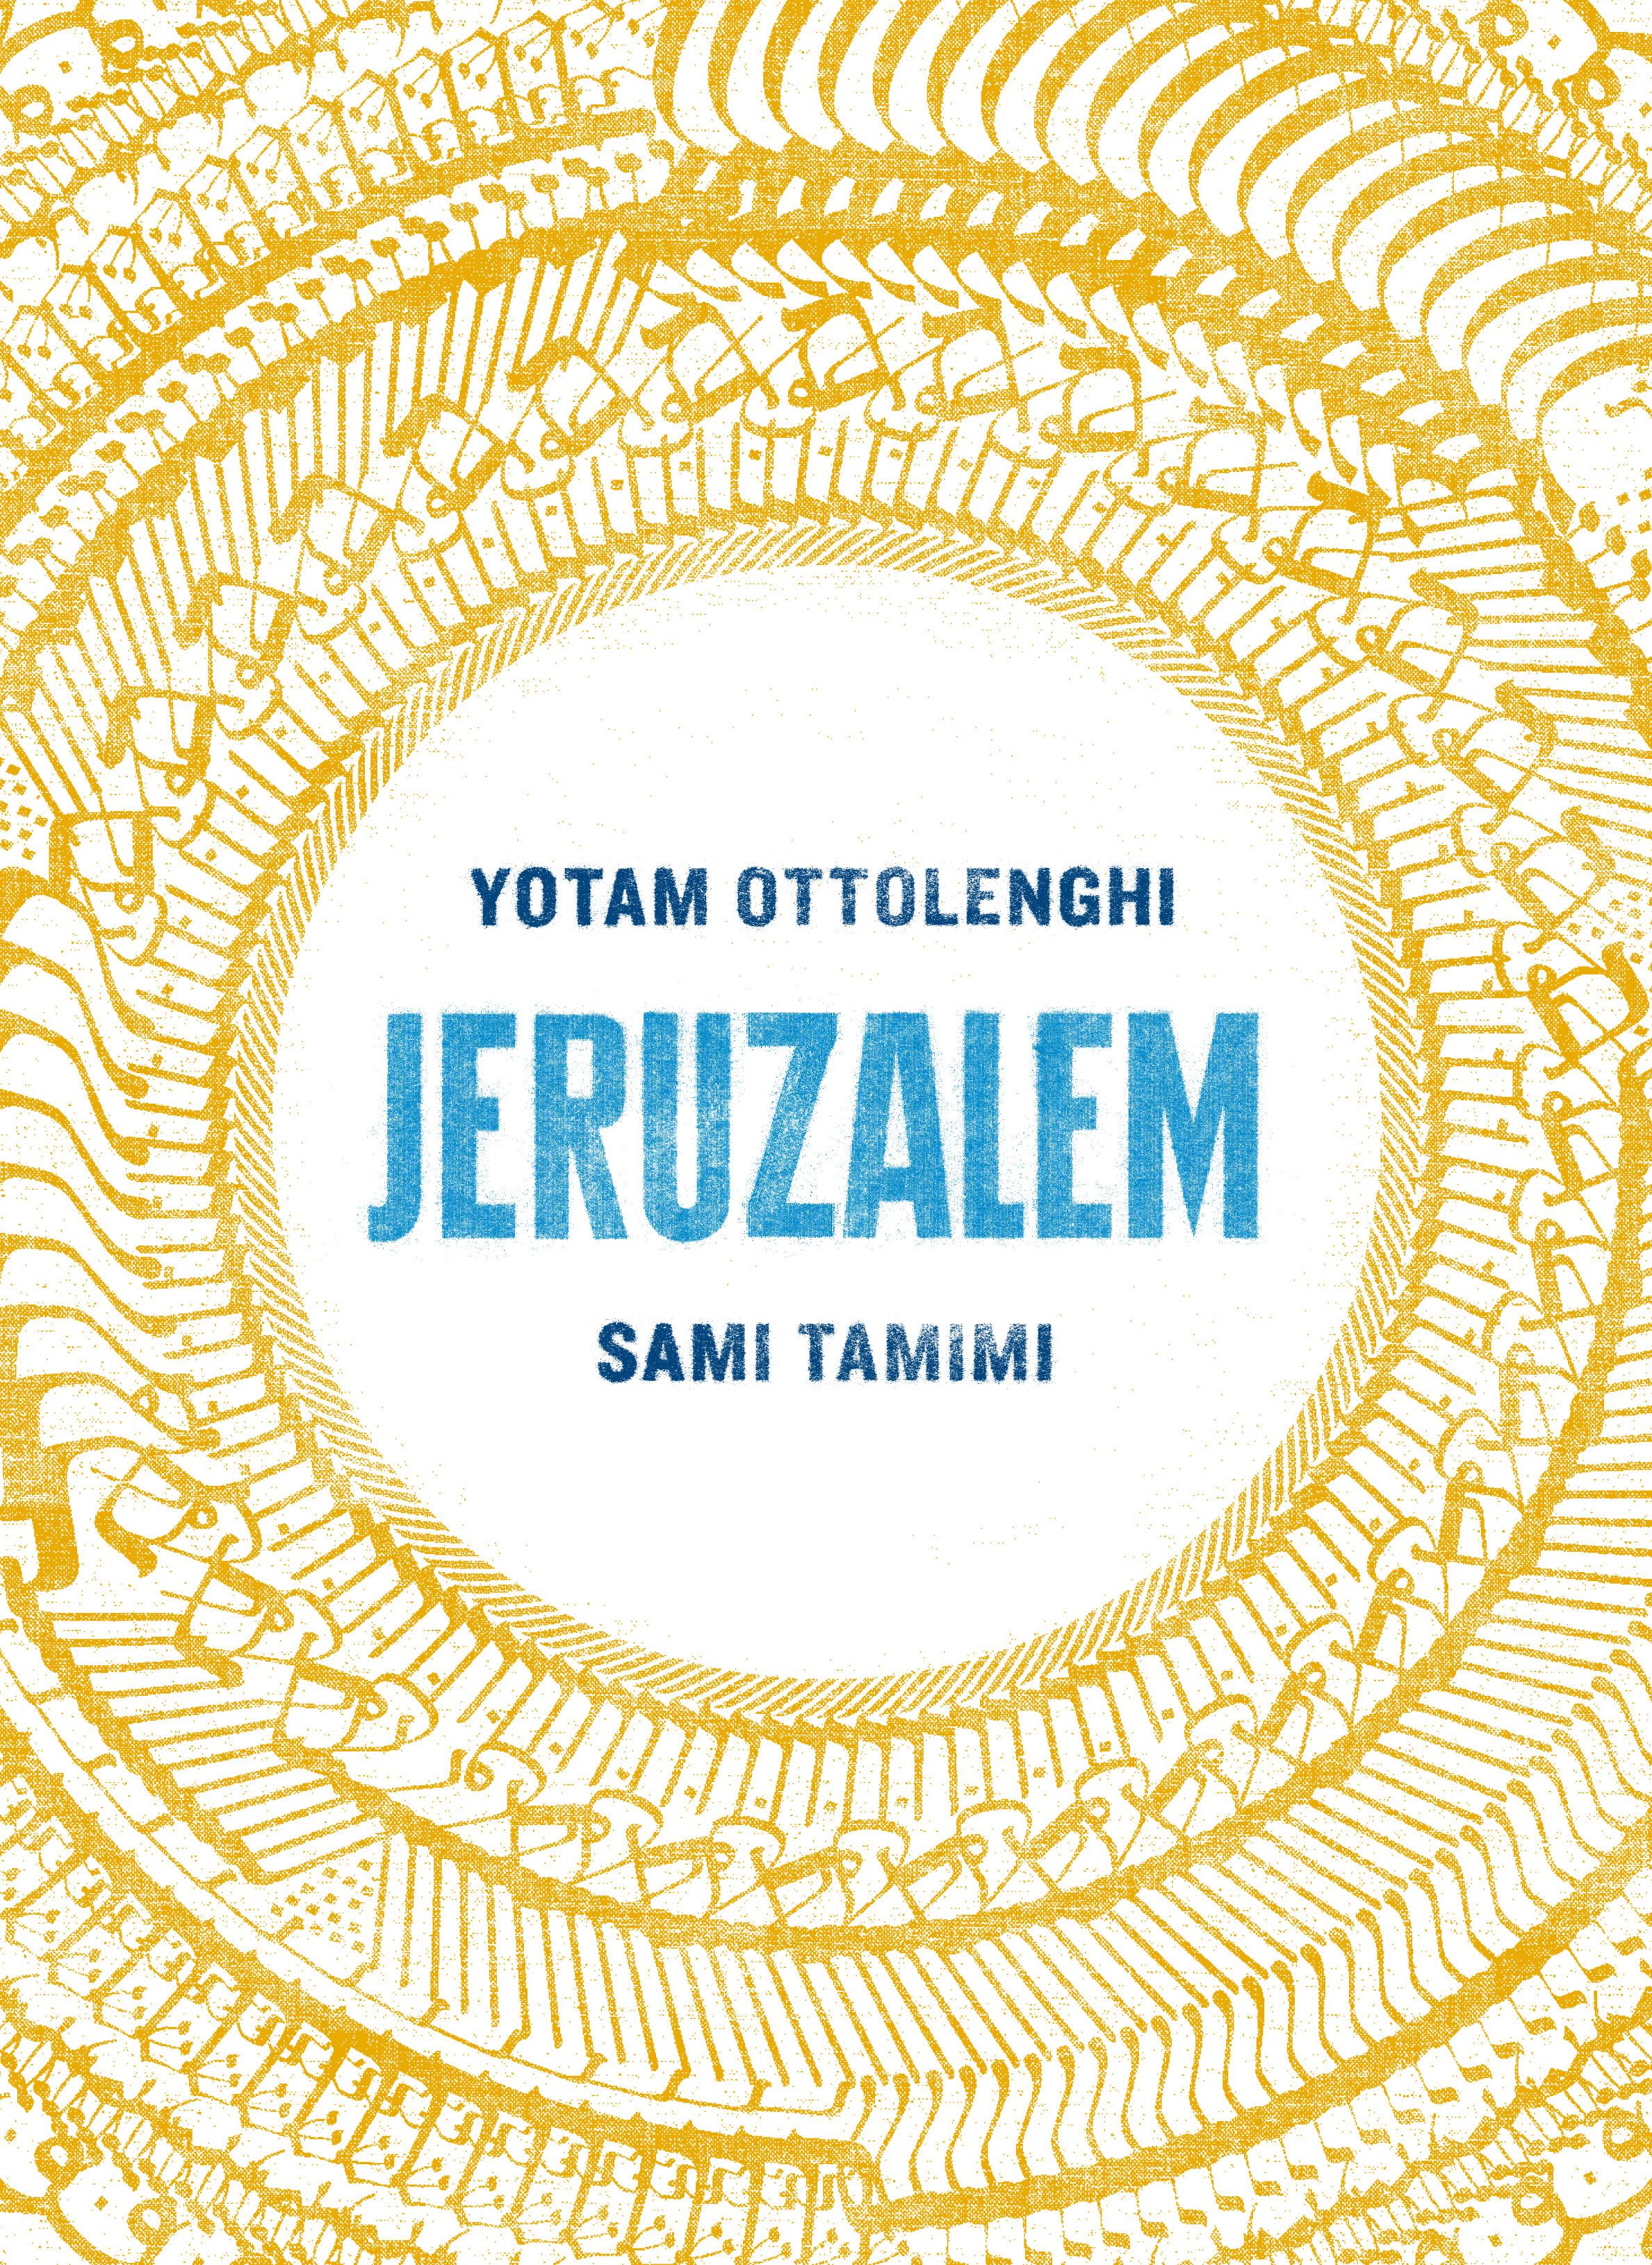 Jeruzalem als voorbeeld van kookboeken van Ottolenghi